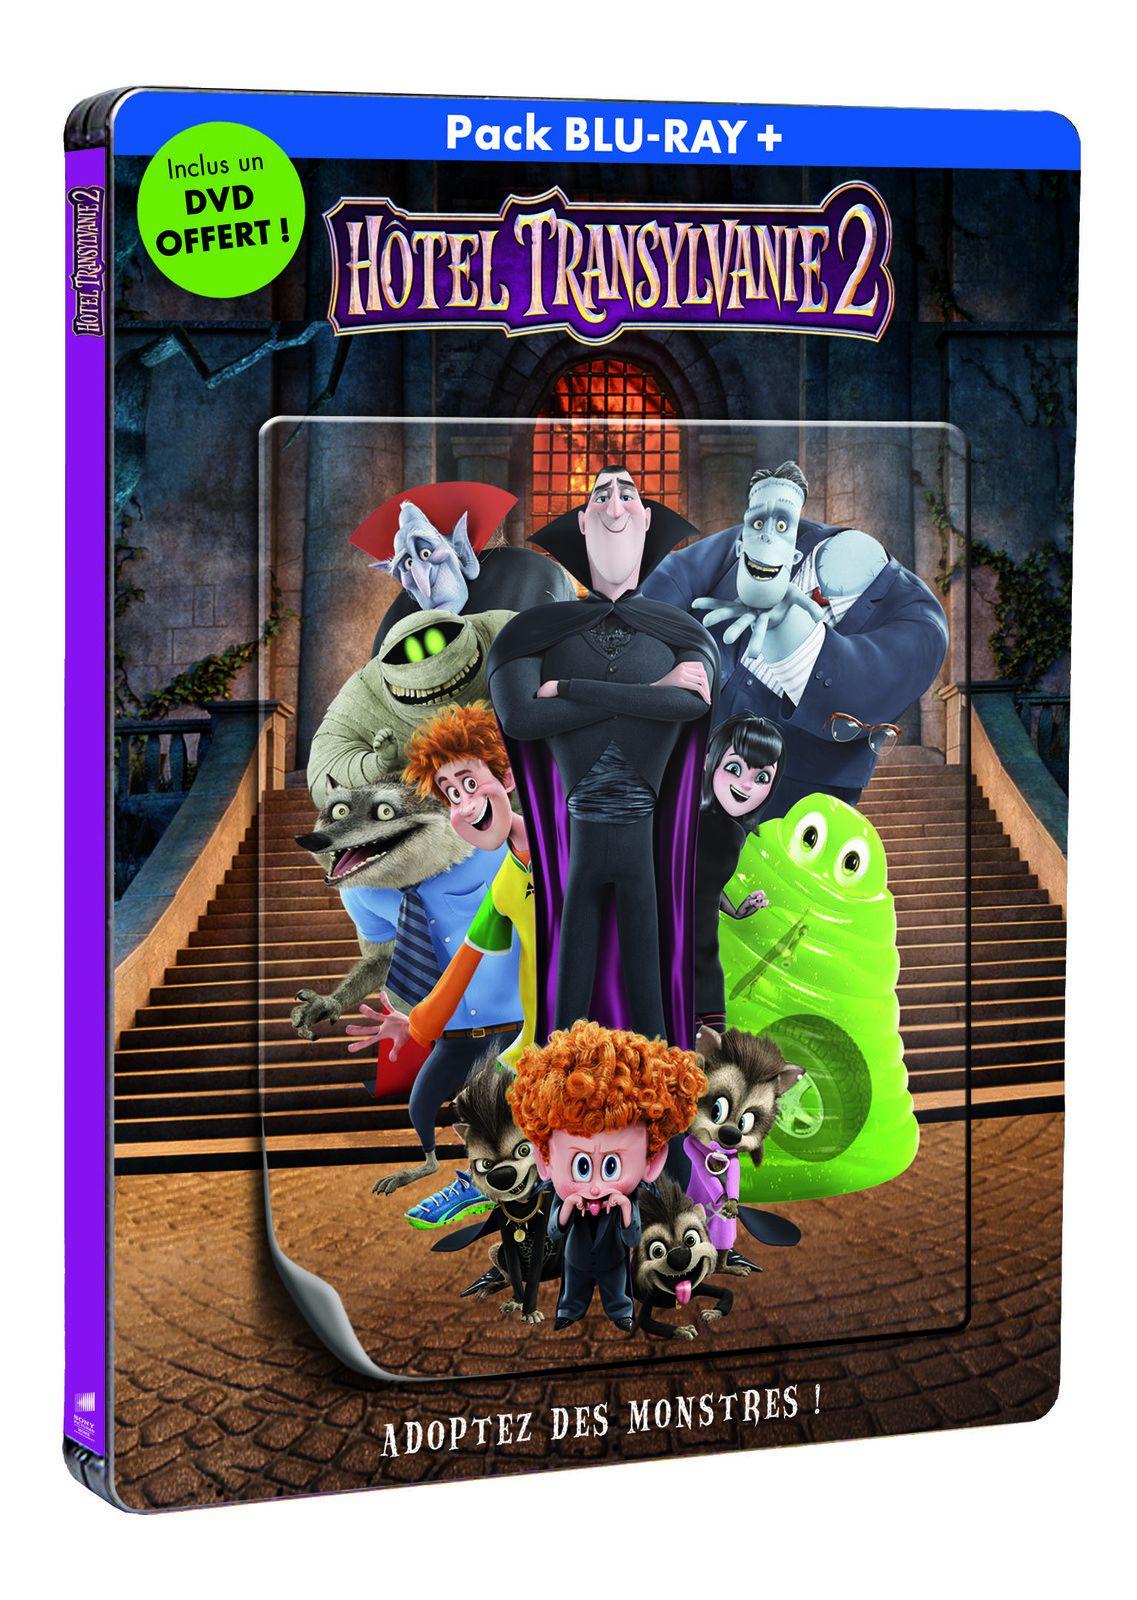 HÔTEL TRANSYLVANIE 2, en DVD, BLU-RAY et BLU-RAY 3D le 9 mars chez Sony Pictures Home Entertainment